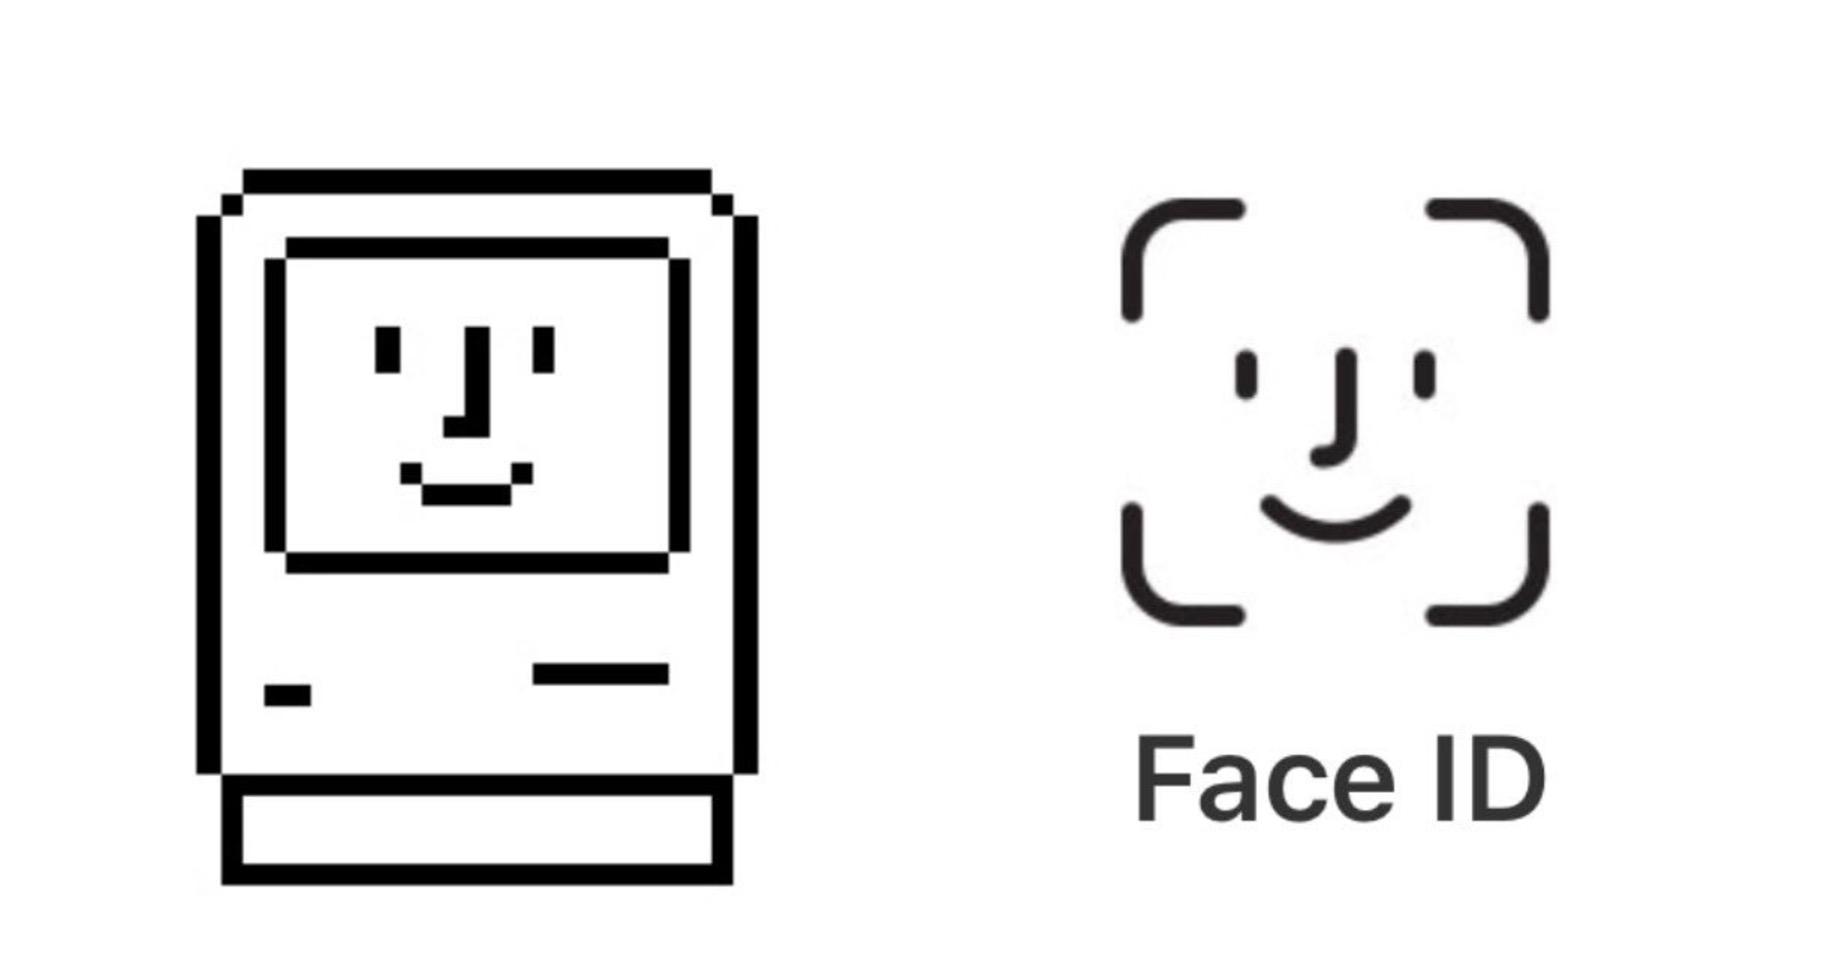 Для Face ID использовали классическую иконку Macintosh